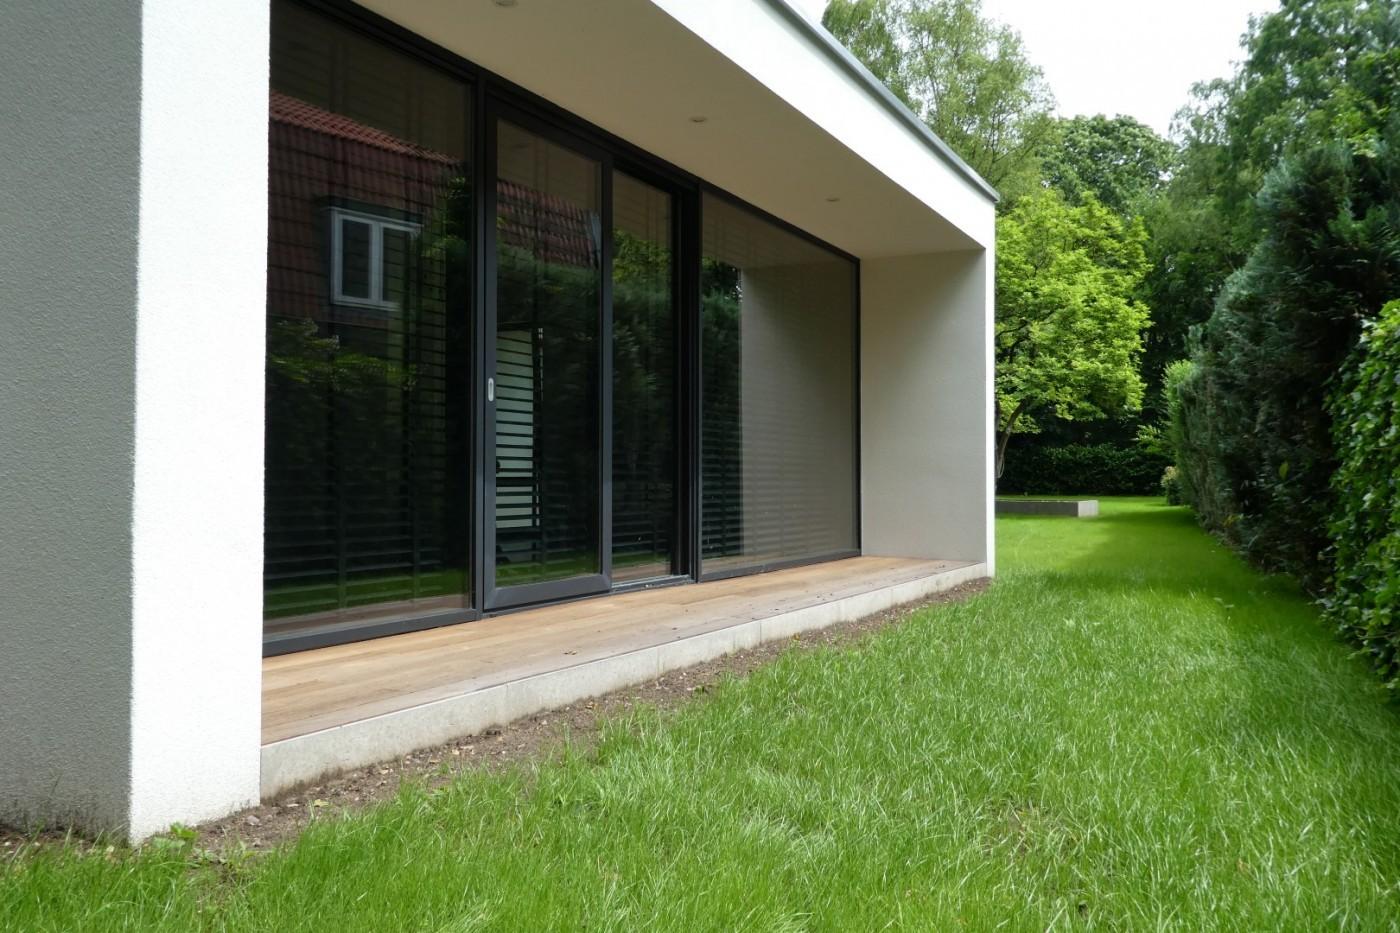 De combinatie van gevel-sierpleister, houten terrasdelen en aluminium buitenkozijnen zorgt voor een fraai eindresultaat.